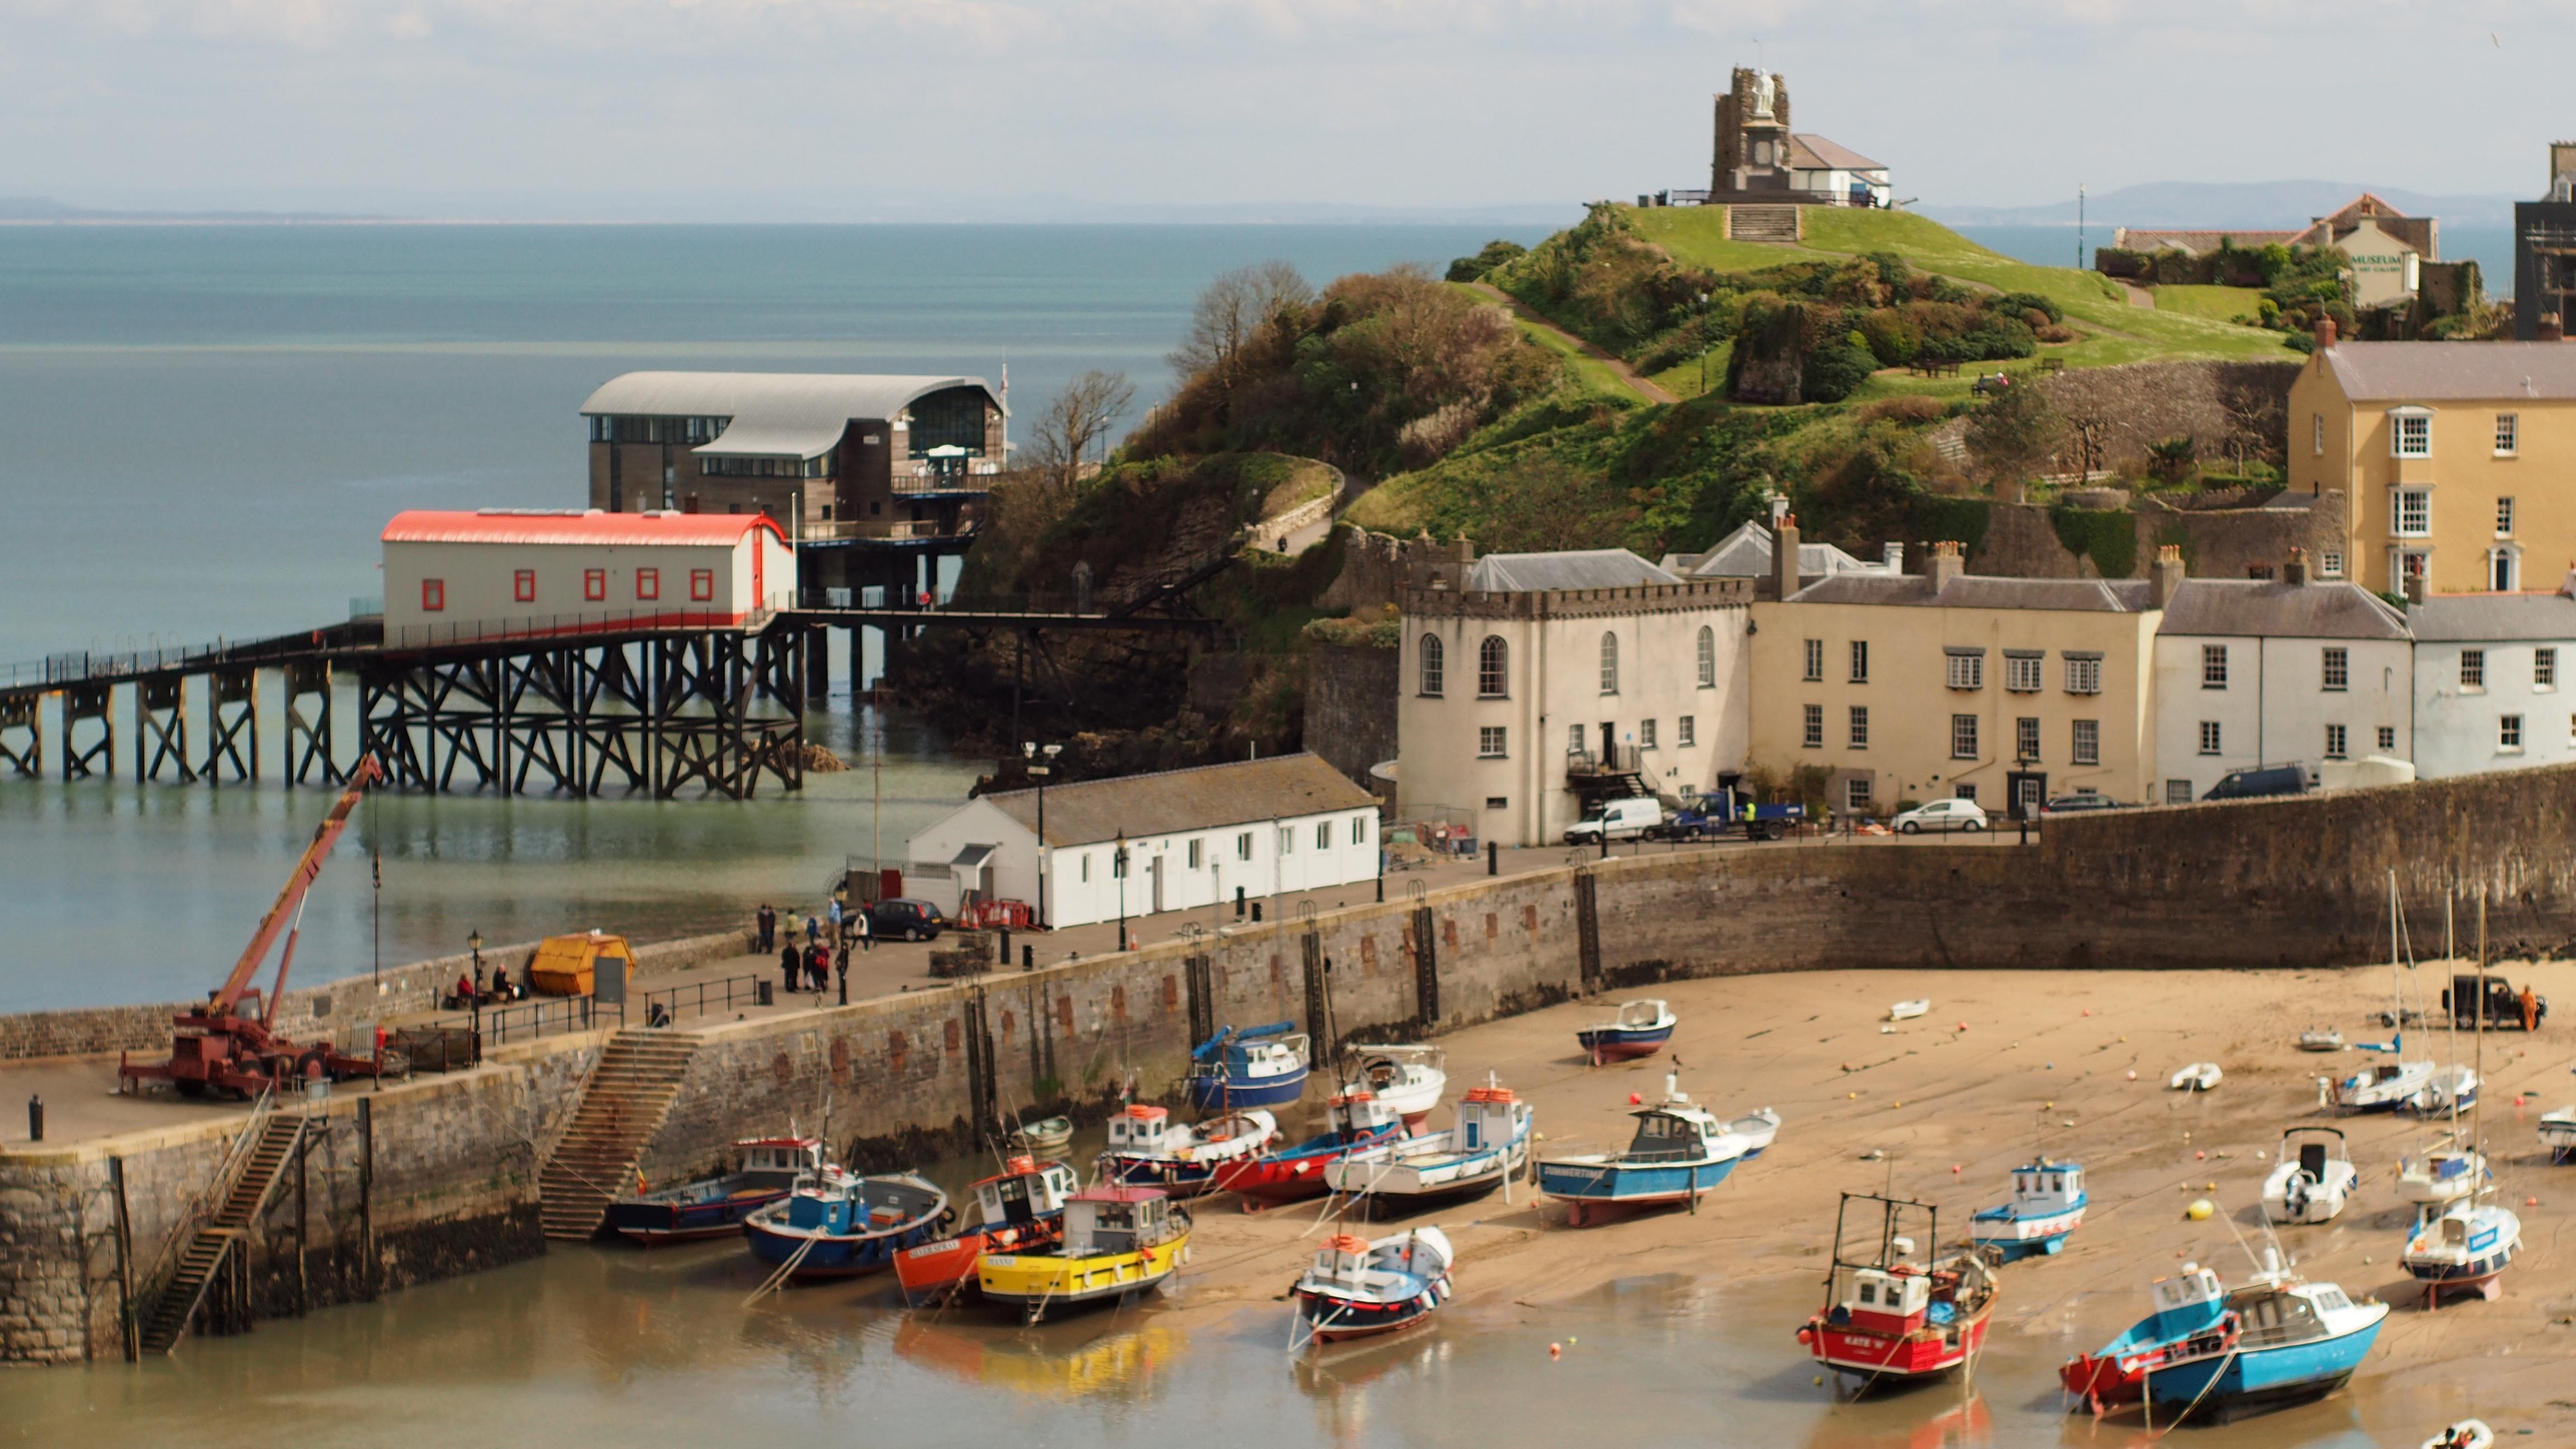 Free Images : beach, sea, coast, sand, boat, town, coastal ...